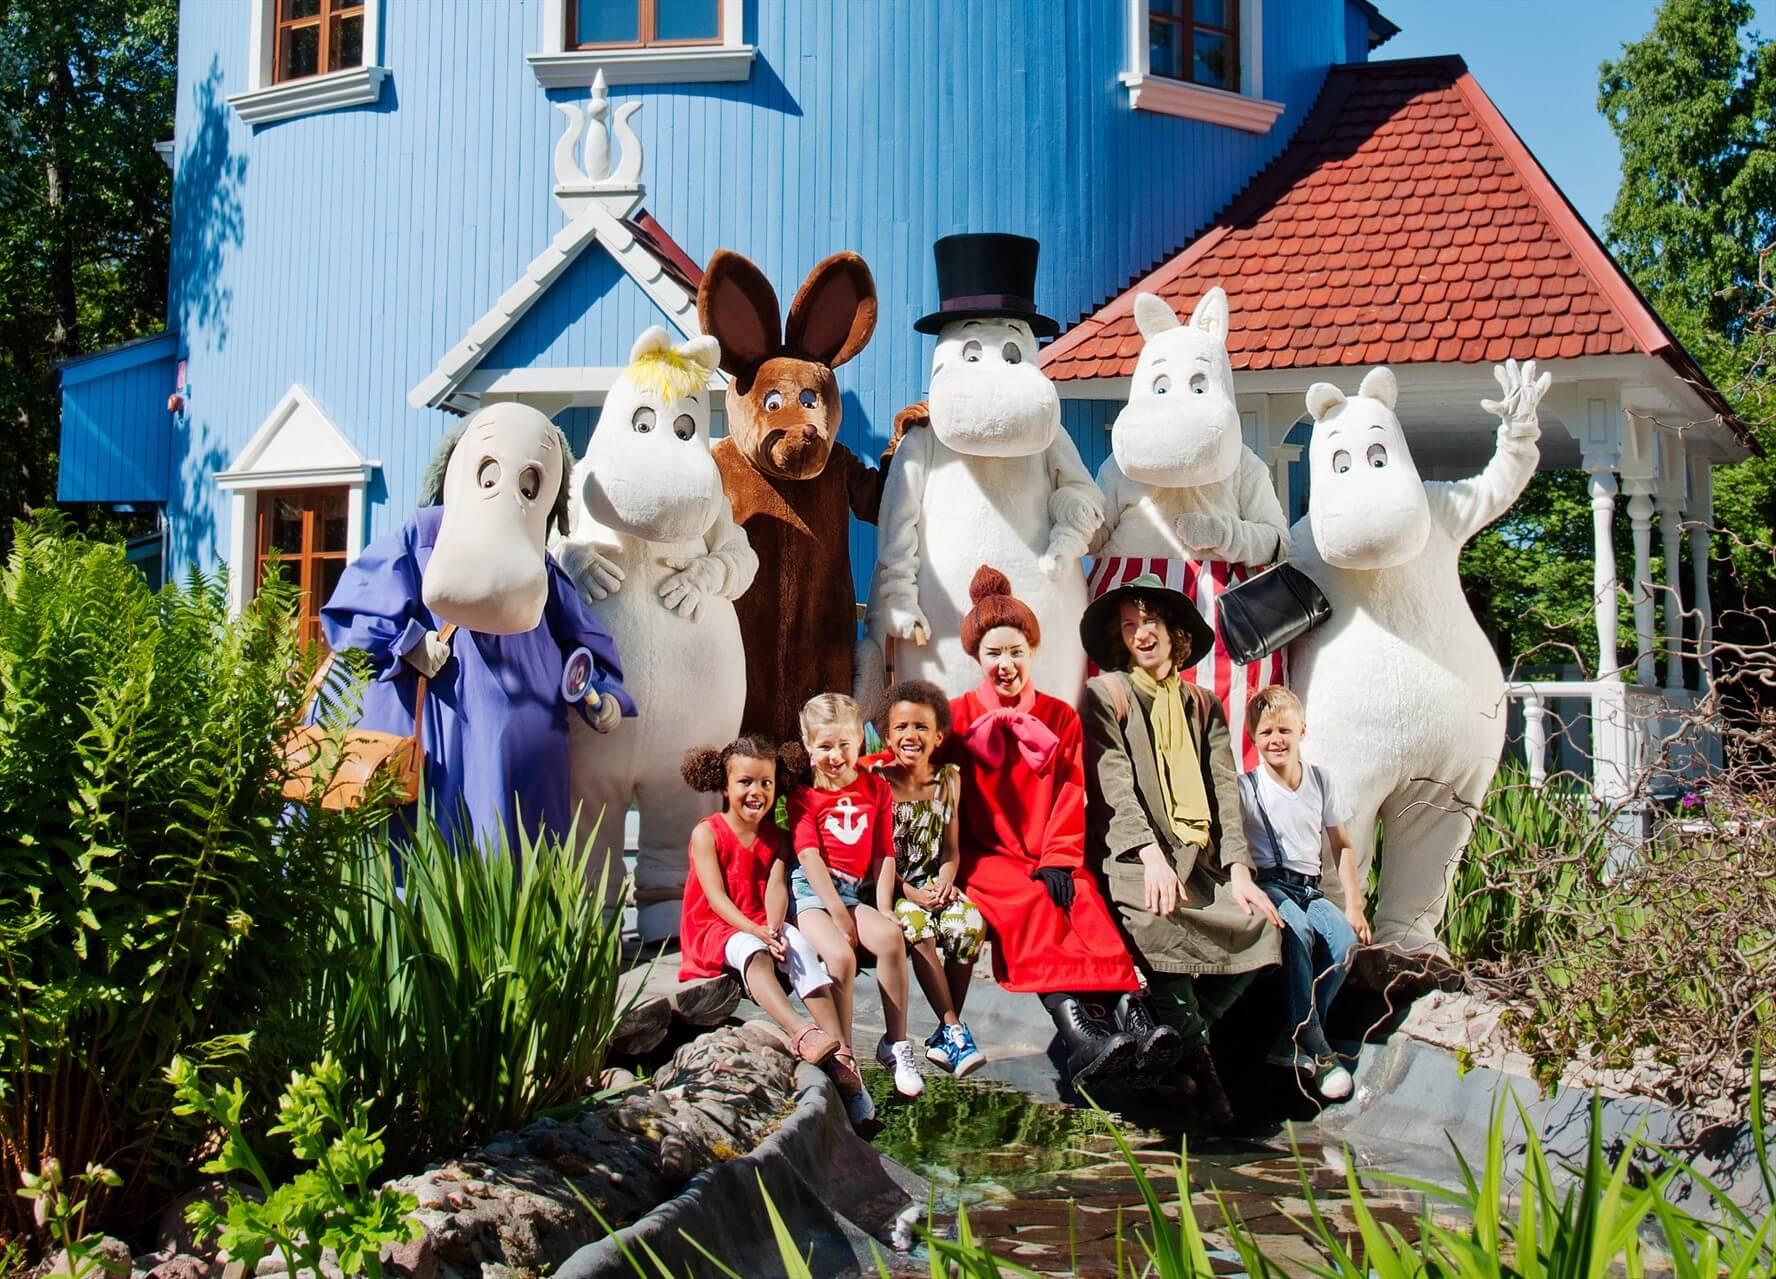 Как попасть в Страну Муми-троллей в Финляндии